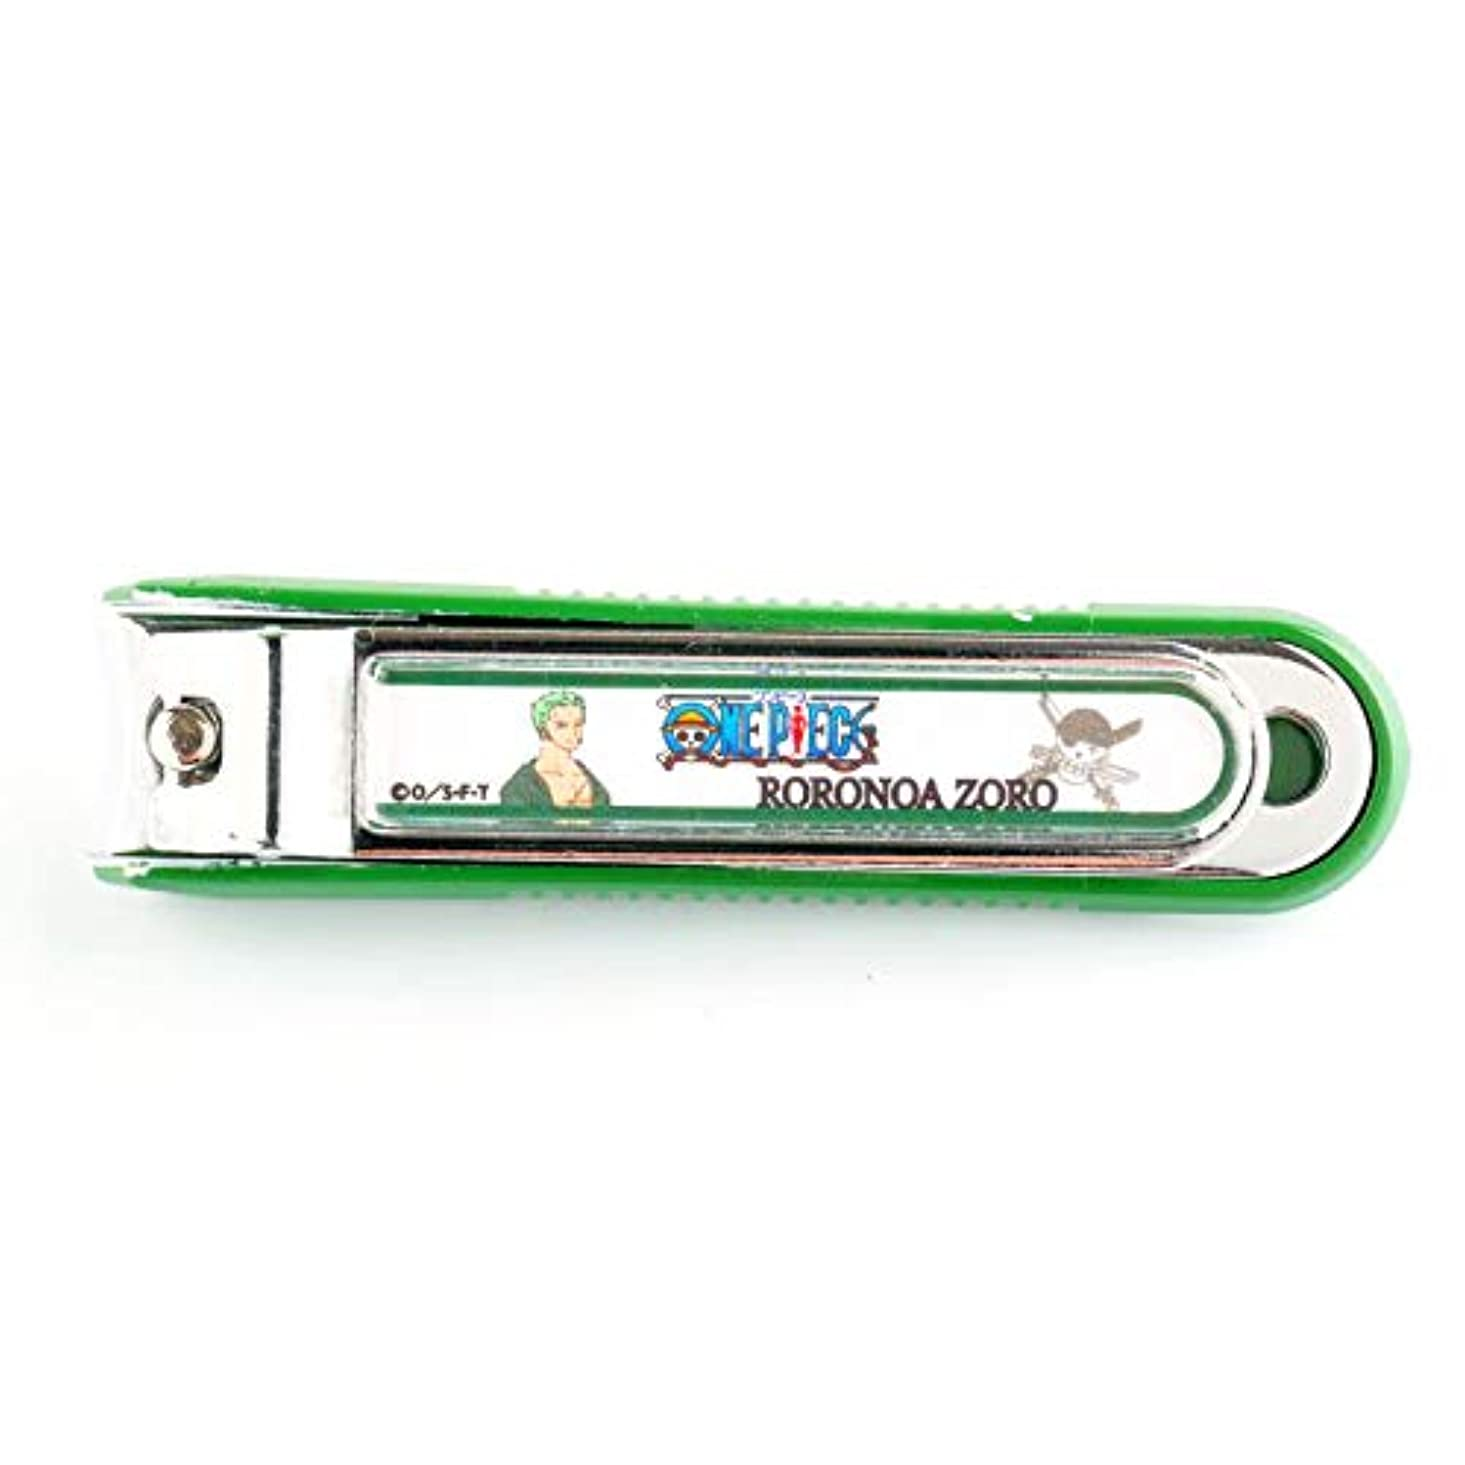 考えた登録するラップニッケン刃物 デザイン小物 ゾロ 1.5×2×8cm ワンピース爪切り ON-850Z